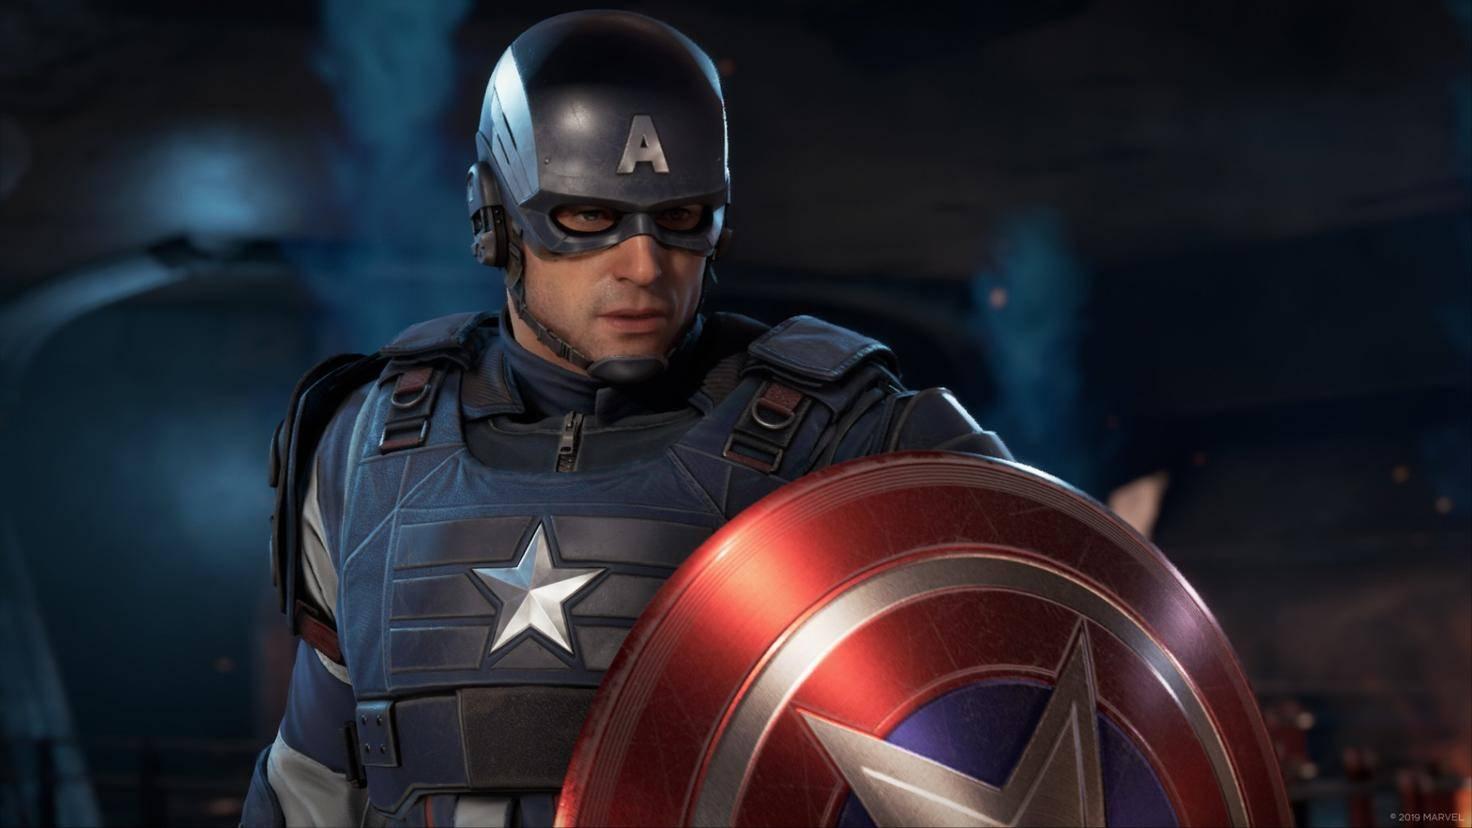 marvels-avengers-captain-america-screenshot